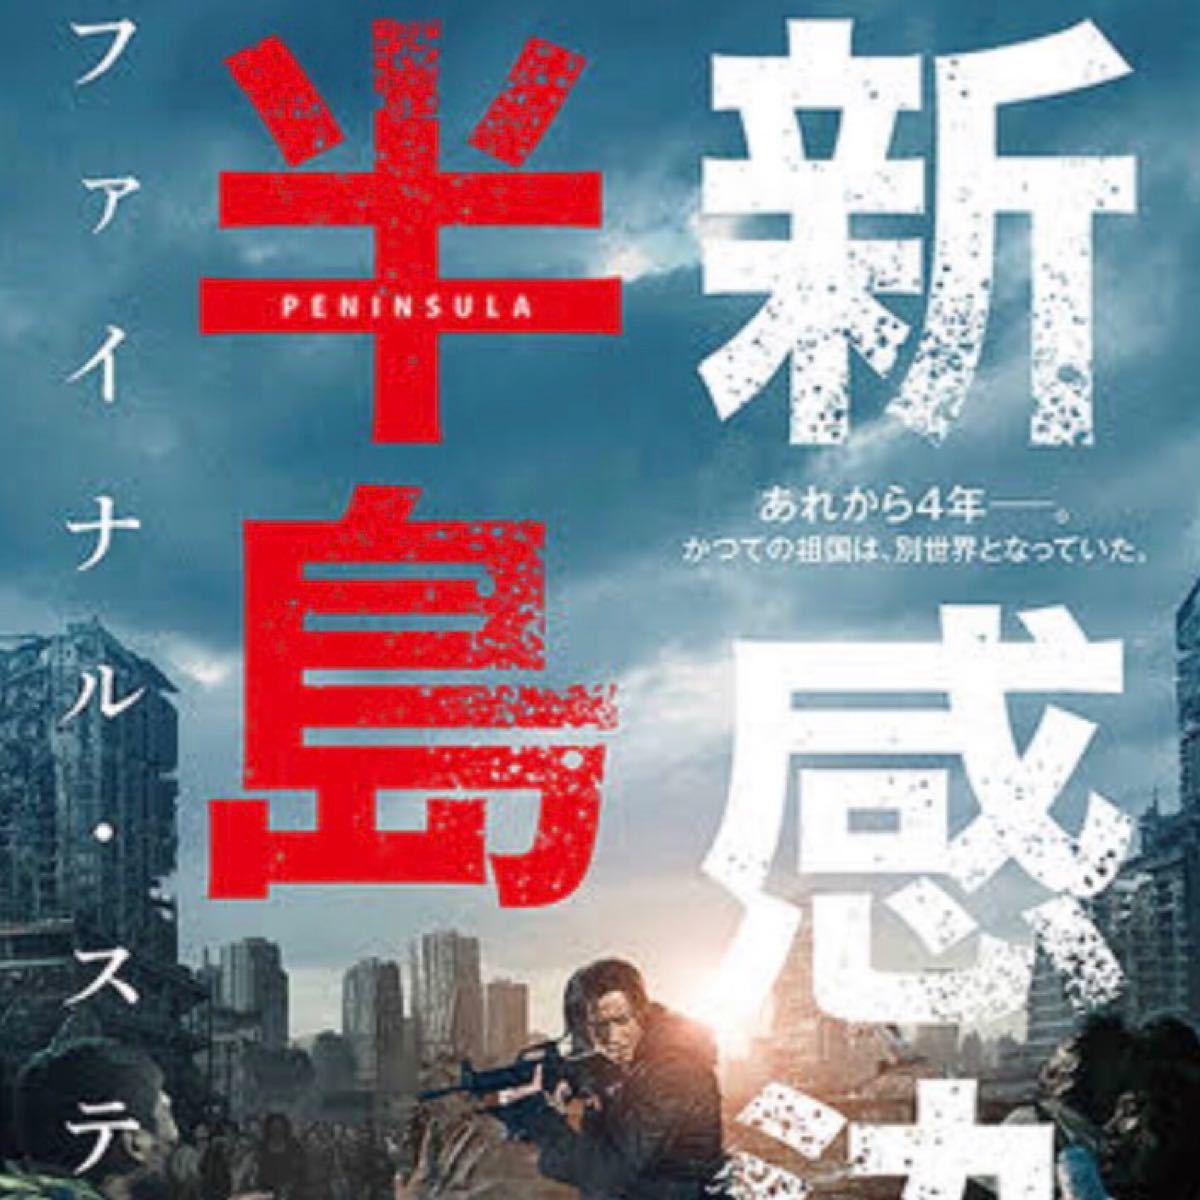 韓国映画  スペース・スウィーパーズ  新感染 半島  DVD  2点セット  レーベル有り